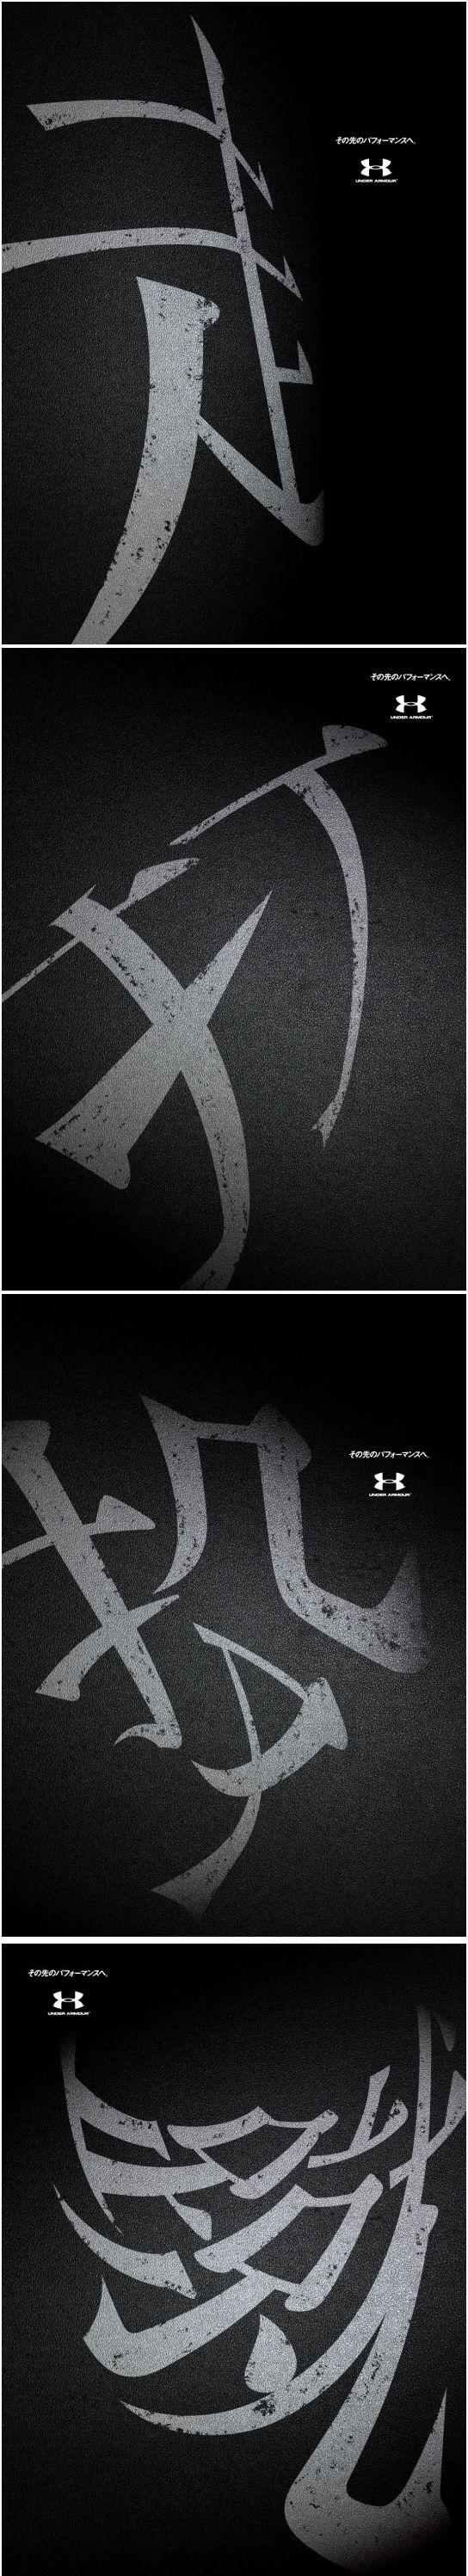 宣伝会議 : ARTS 新聞広告課題 「アンダーアーマーのブランド広告」: Under Armor : Tomoya Wakasugi Graphic